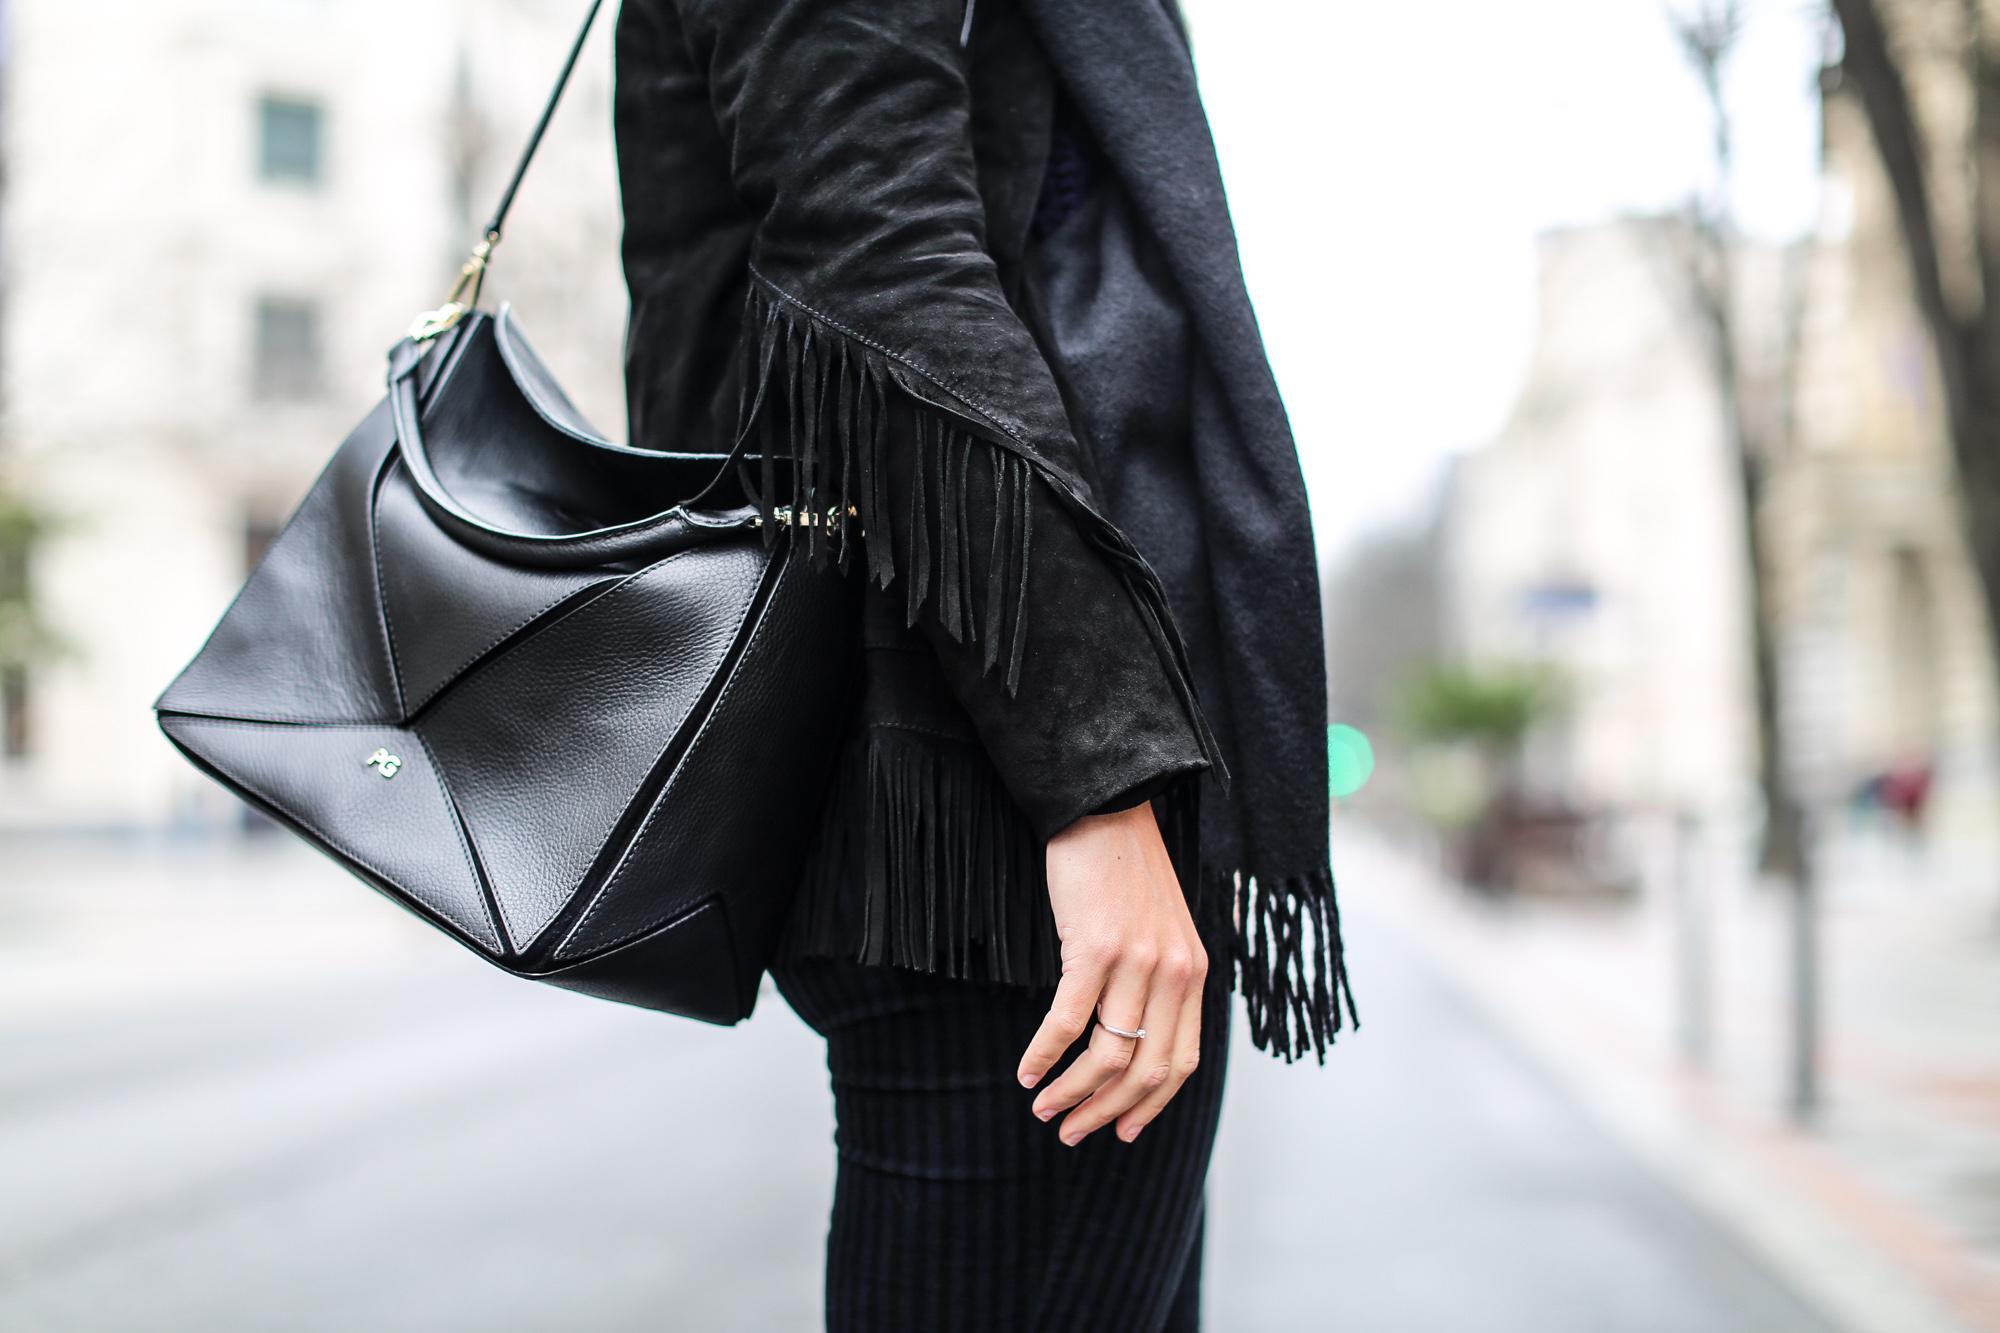 Clochet_streetstyle_fashionblogger_purificacióngarcia_bolsotrangram_chaquetaanteflecosmaje-7